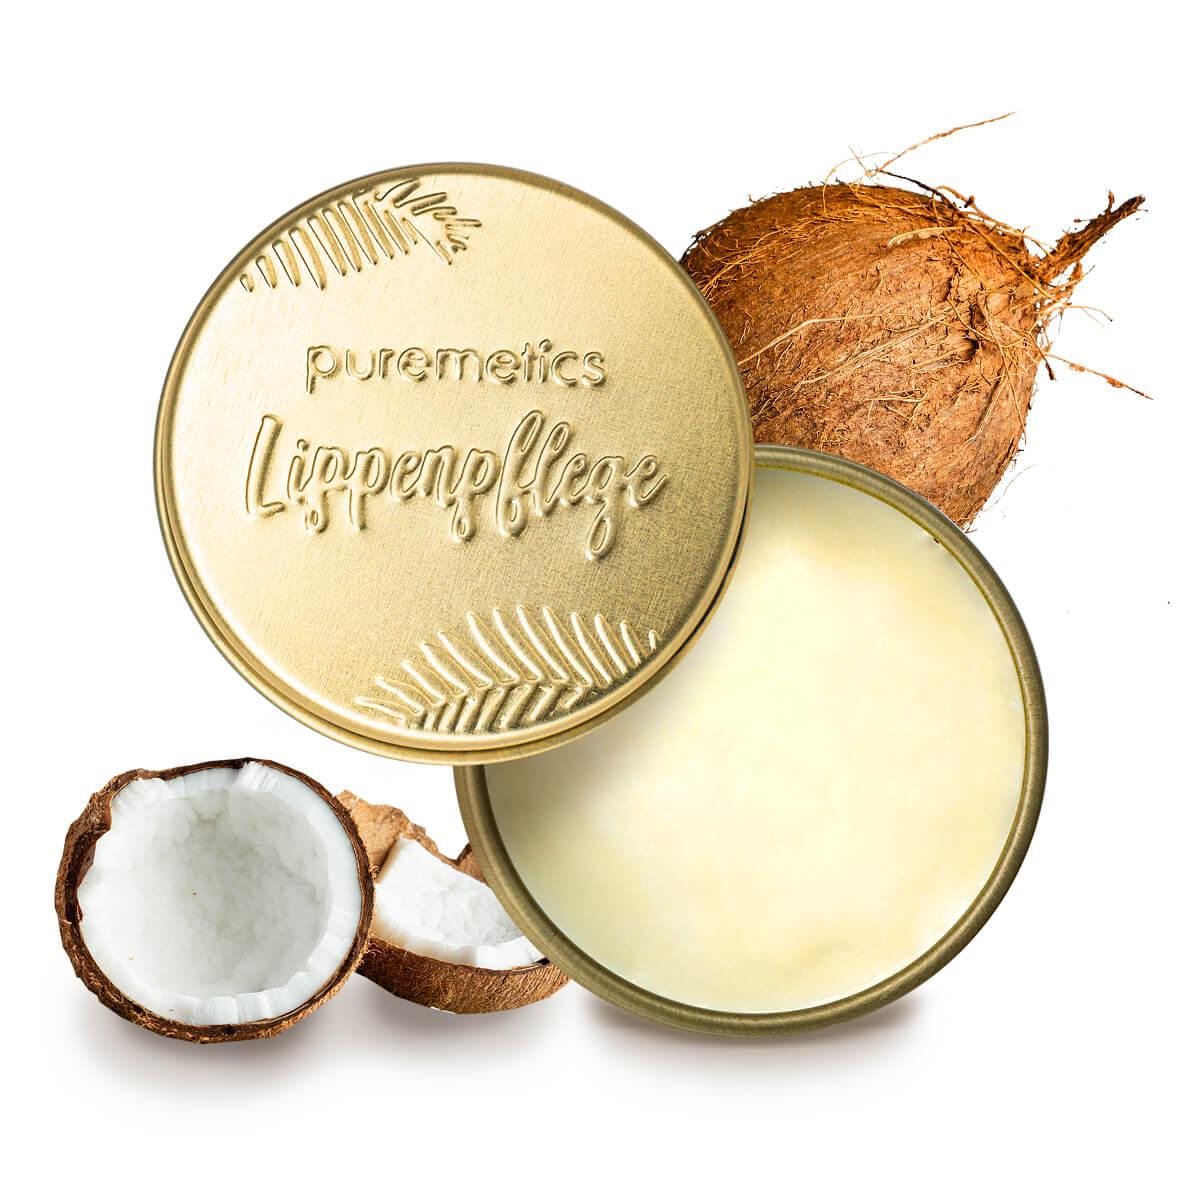 puremetics_Lippenpflegetiegel_CoconutCream_01